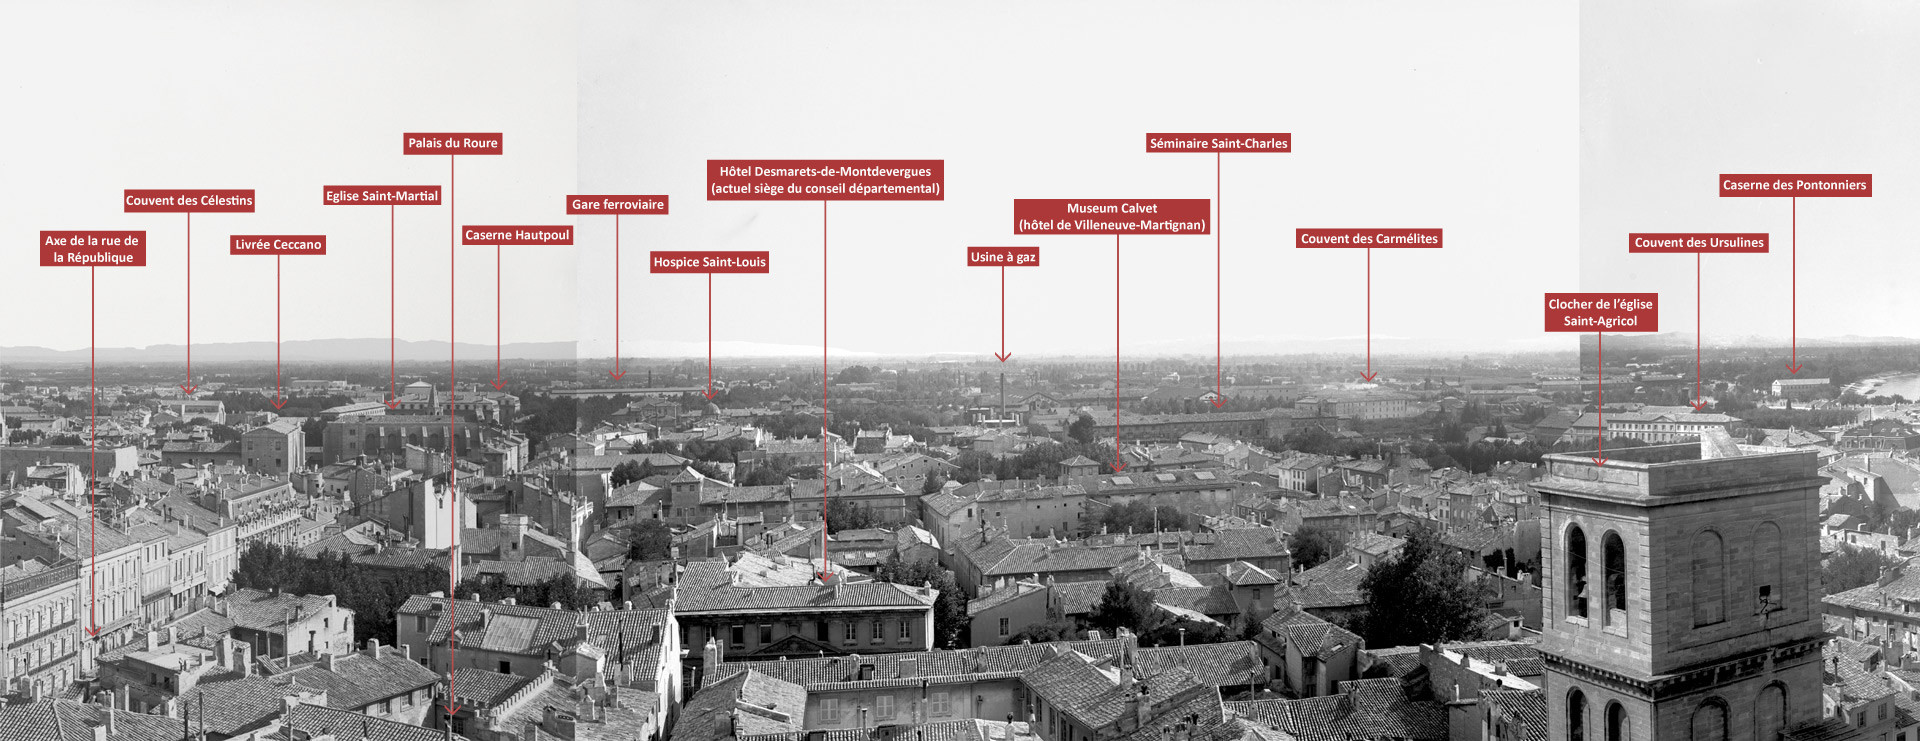 Vue panoramique d'Avignon depuis le beffroi de l'hôtel de ville 2/4